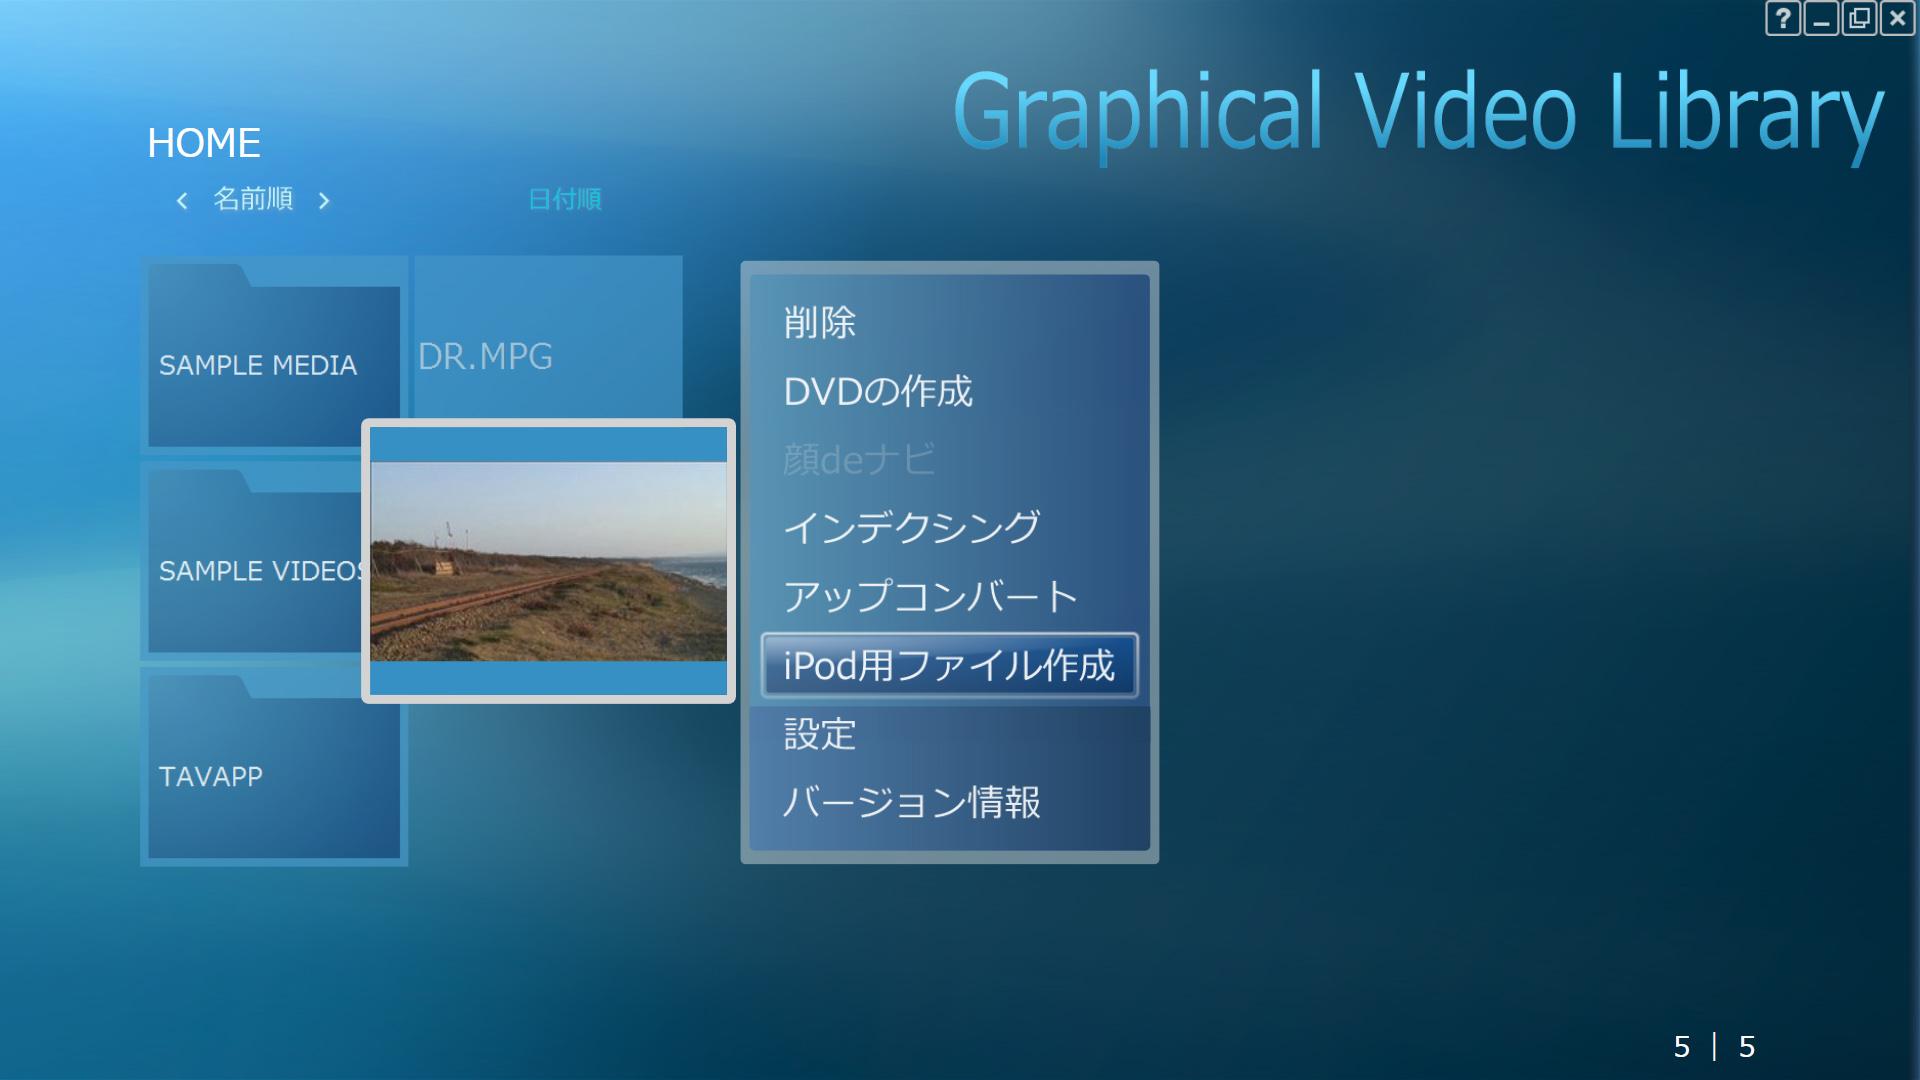 東芝グラフィックビデオライブラリーで、エンコード指定を行なう。「iPod用ファイル設定」と用途を明確に表示